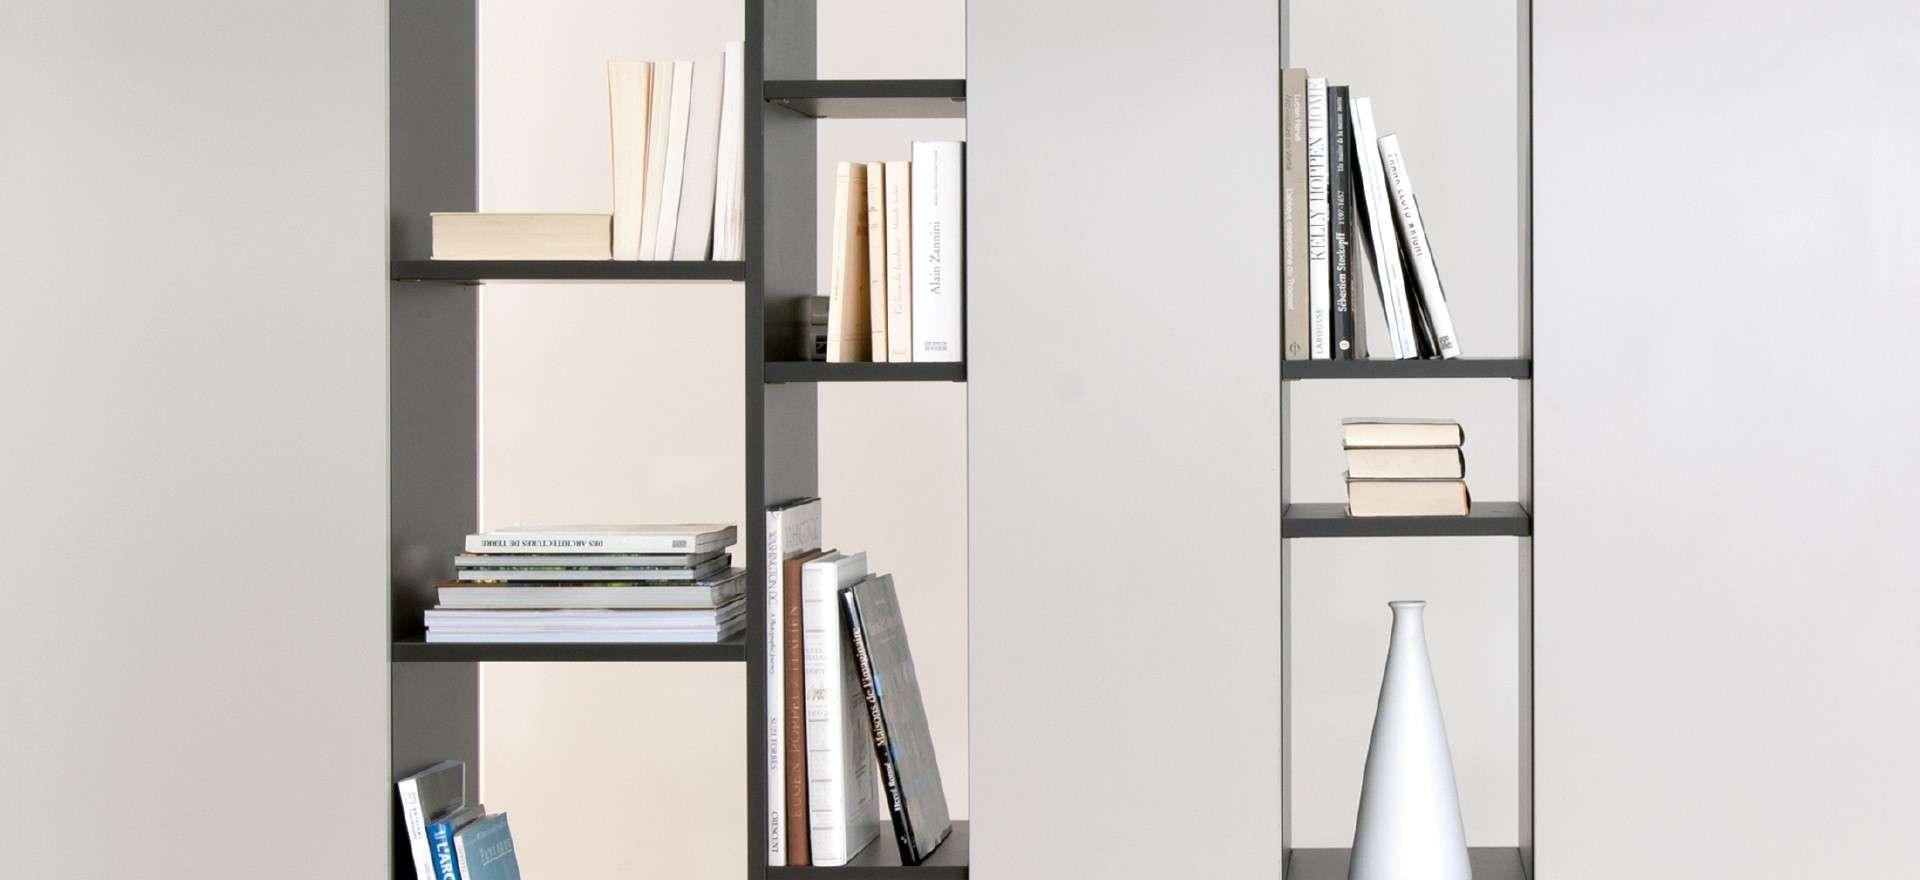 paris reolsystem reolsystem til stuen schmidt kj kken living. Black Bedroom Furniture Sets. Home Design Ideas